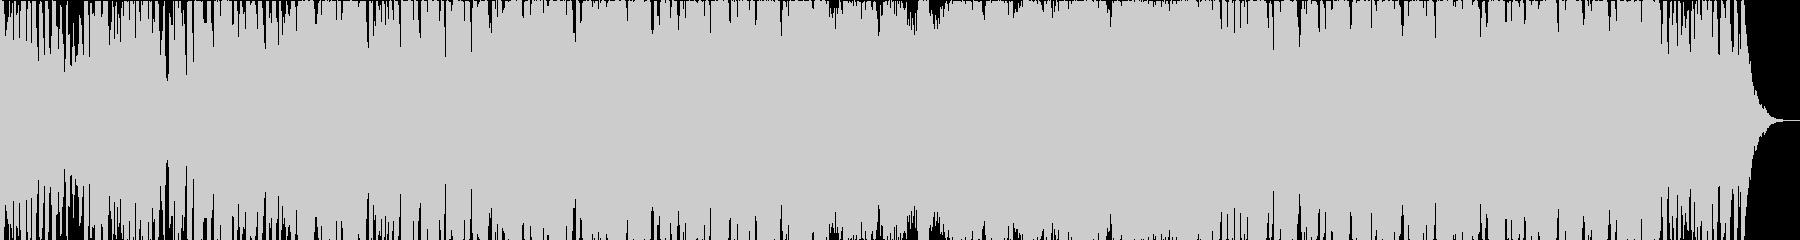 オーケストラとコーラスの荘厳なBGMの未再生の波形